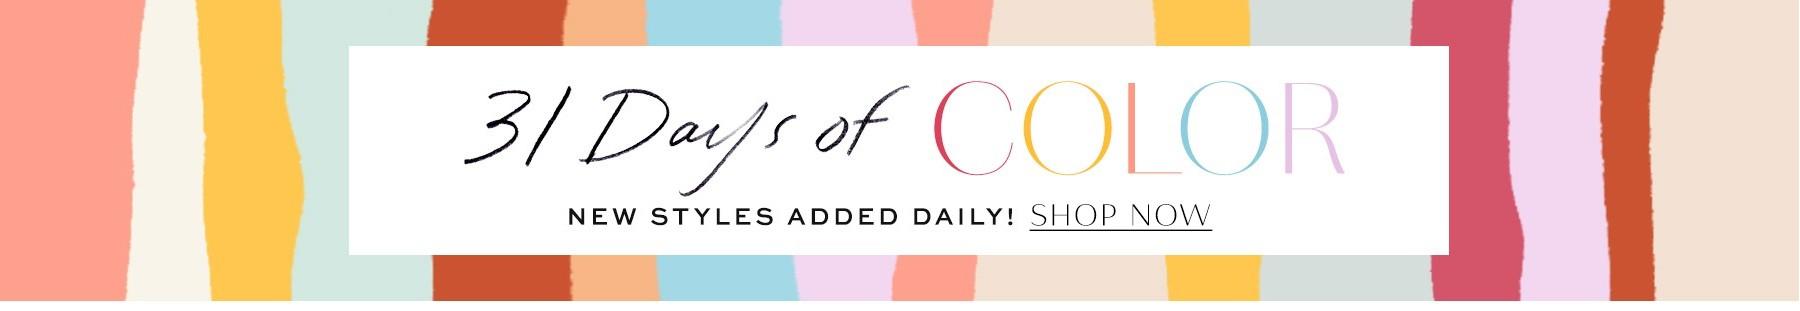 Shop the Color Shop